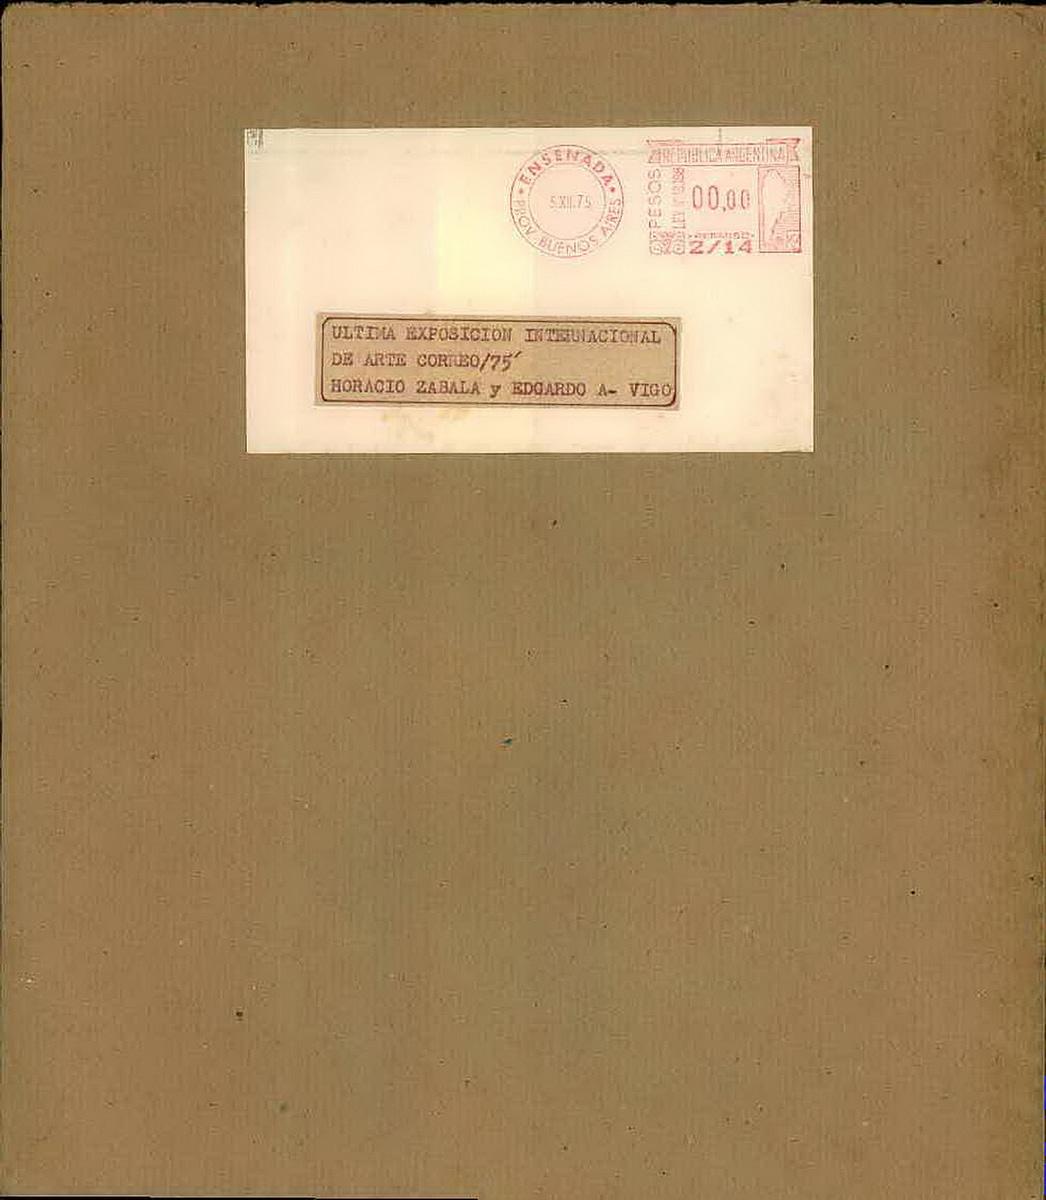 Edgardo Vigo y Horacio Zabala. Last mail art exposition catalogue